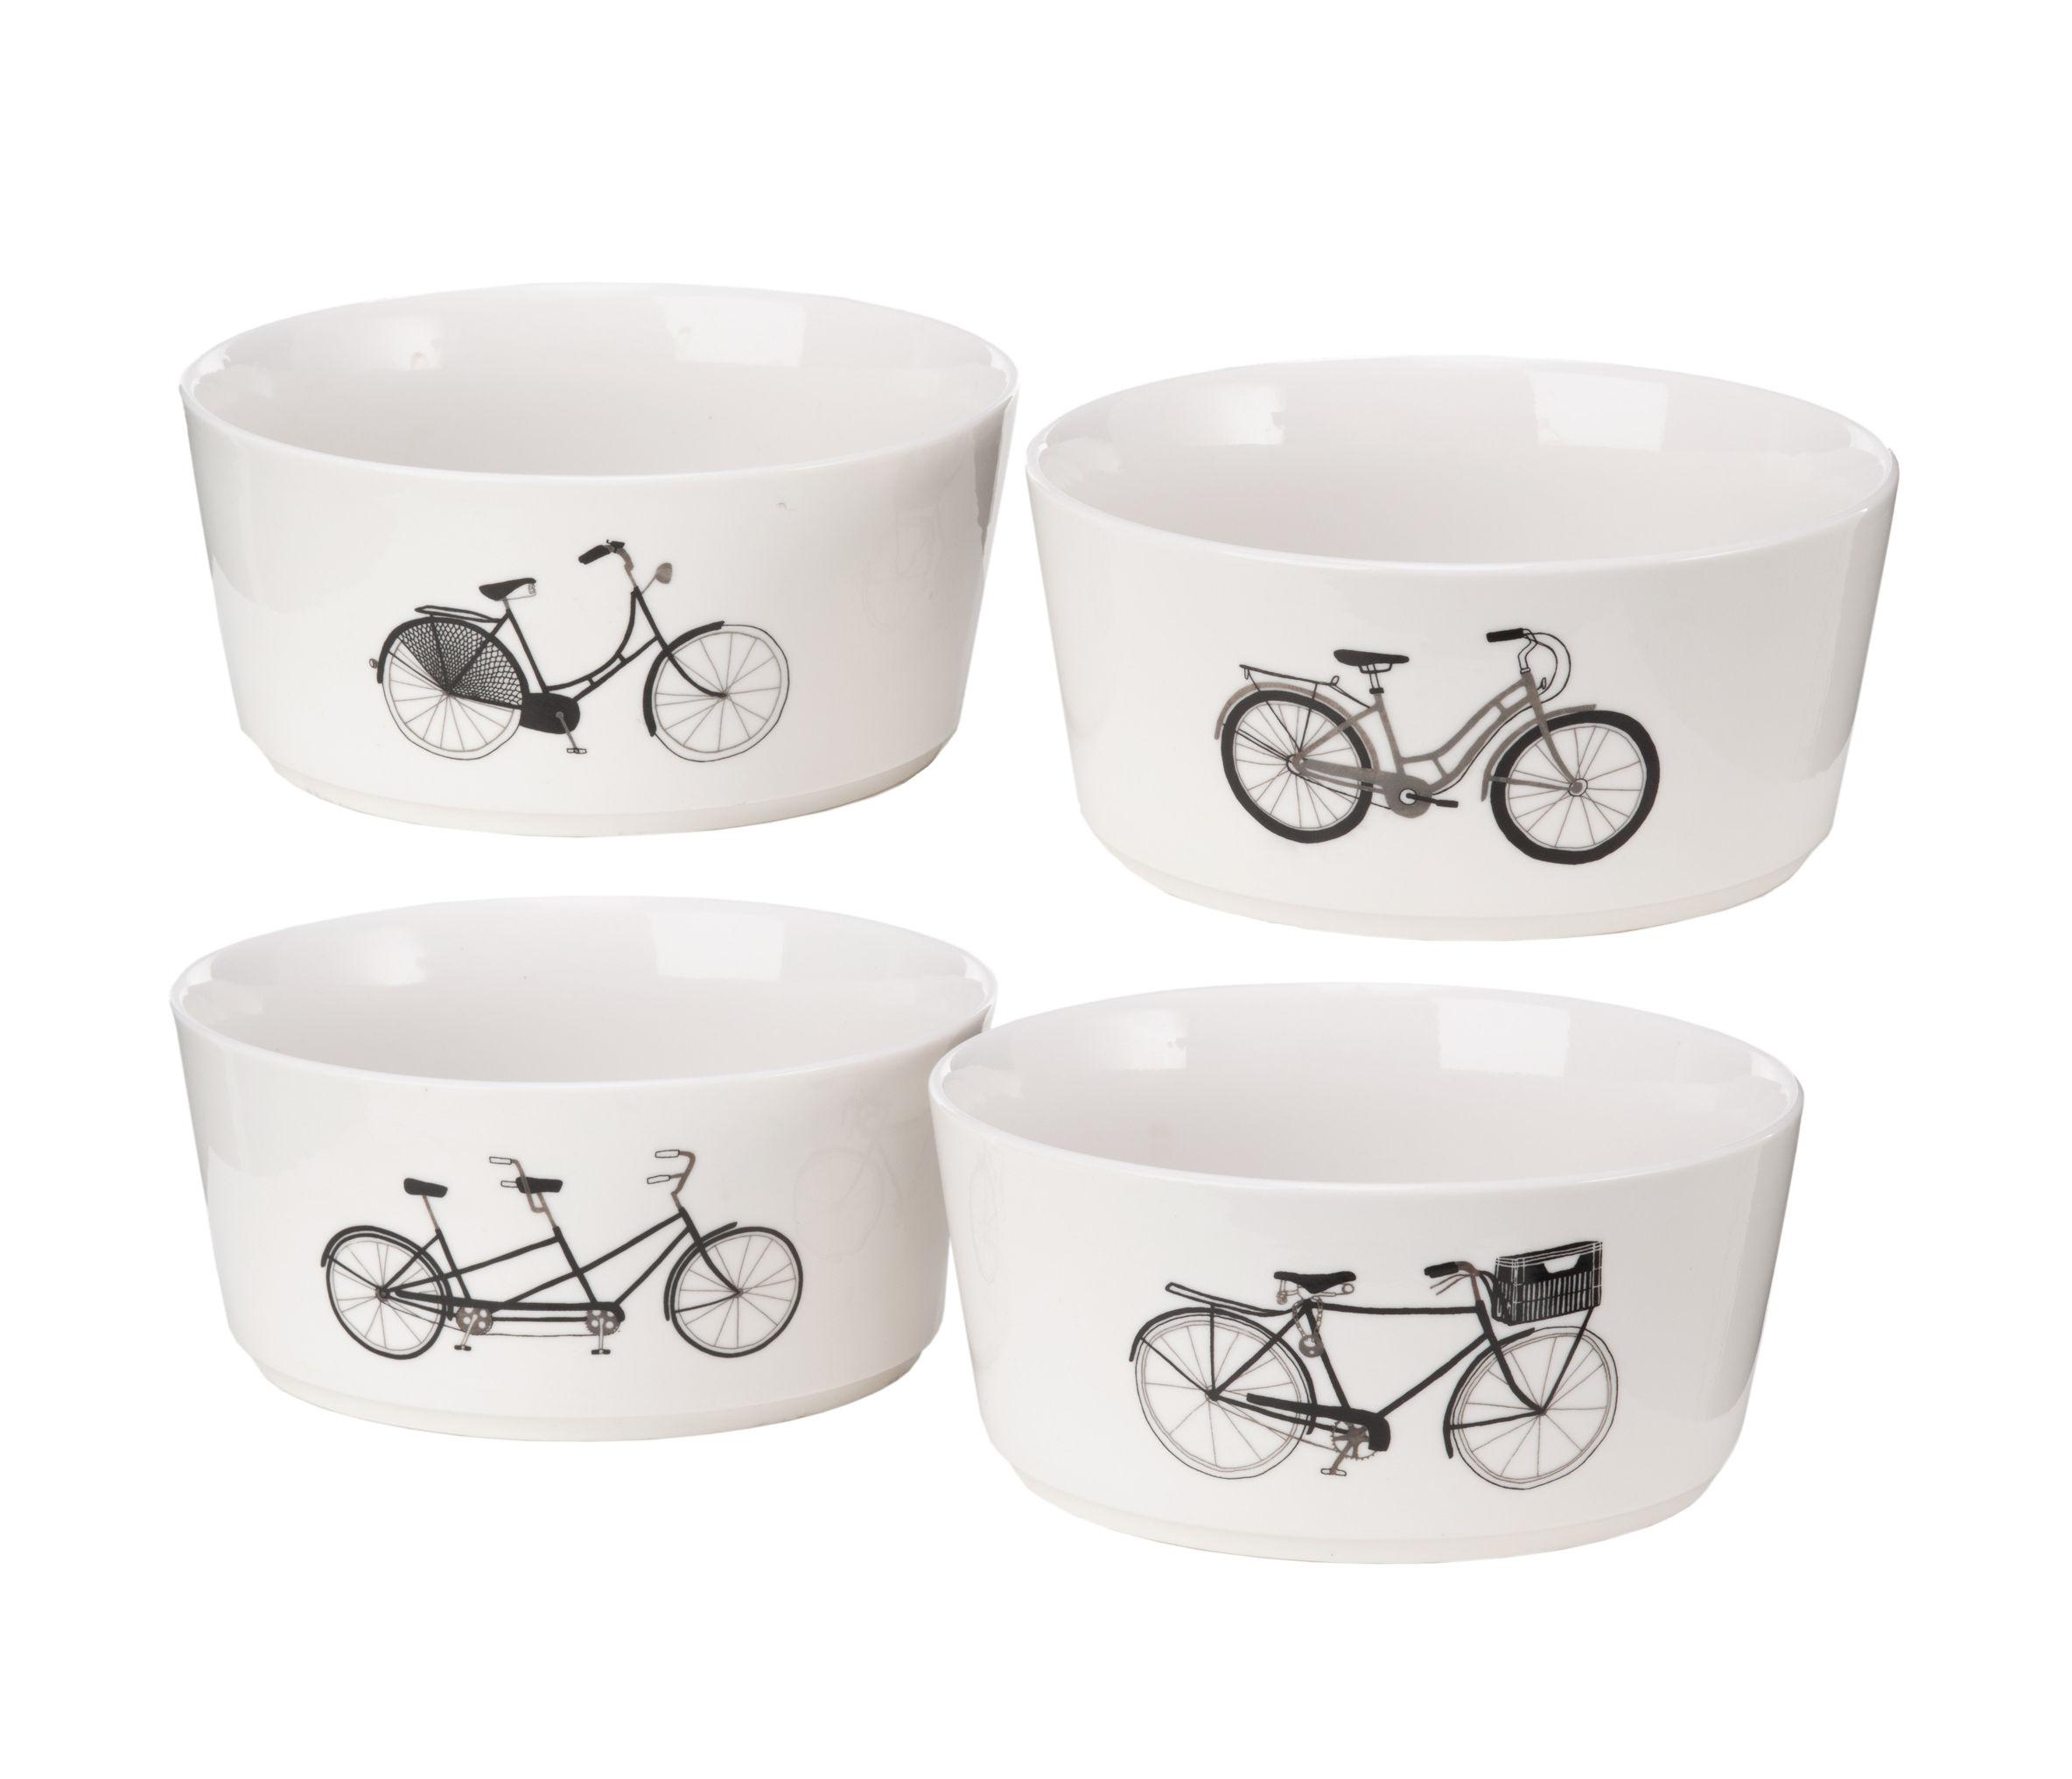 Tavola - Ciotole - Ciotola Bikes - / Set da 4 - Porcellana di Pols Potten - Nero, bianco & argento - Porcellana vetrificata